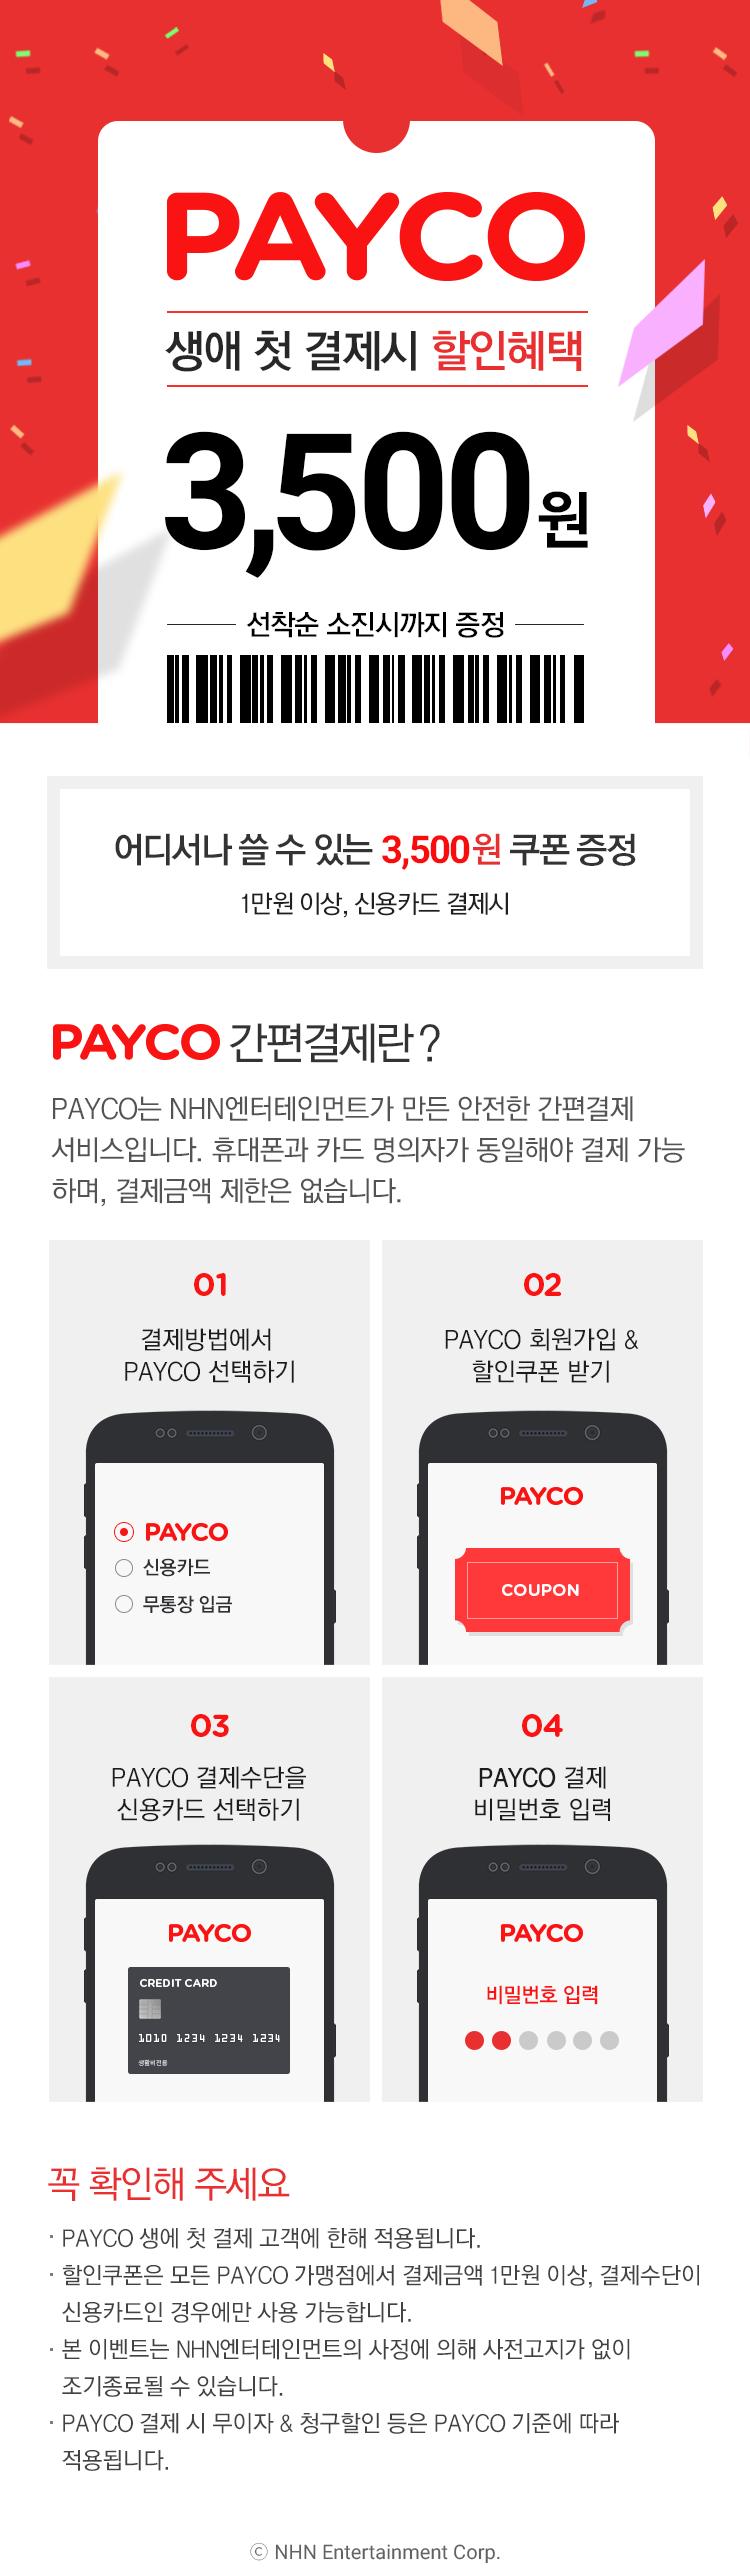 PAYCO 7월 프로모션_생애 첫결제 3500원 할인